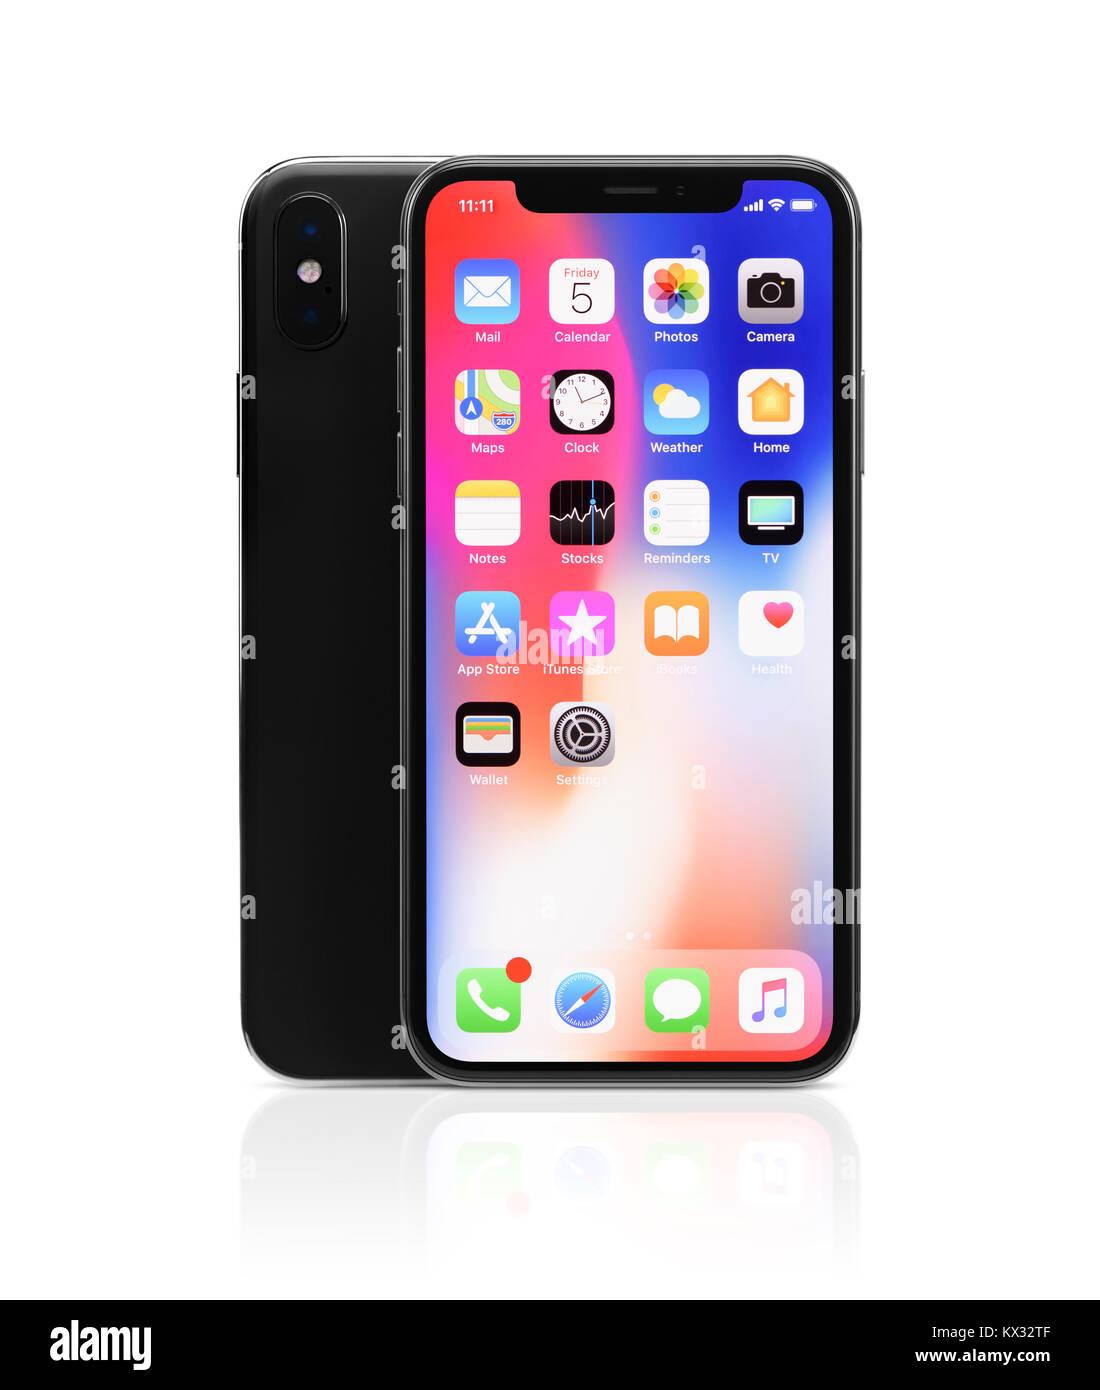 Apple iPhone x, grande schermo smartphone con doppia fotocamera posteriore, prodotto ancora in vita con il desktop Immagini Stock